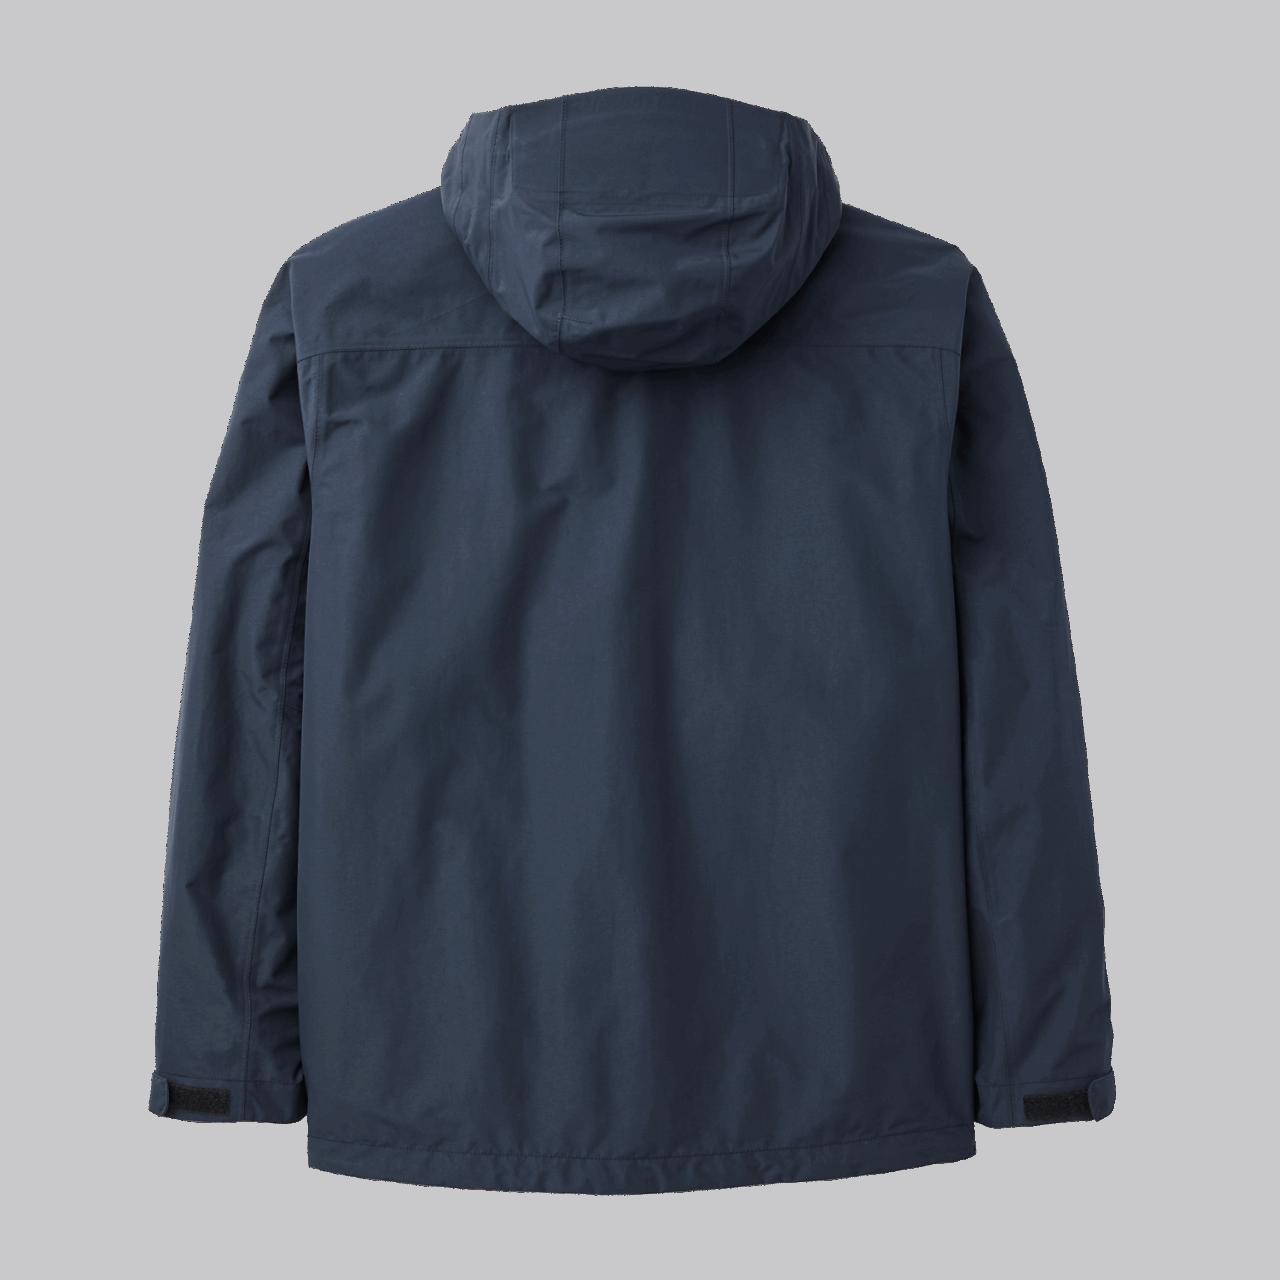 Filson Swiftwater Rain Jacket - dark denim